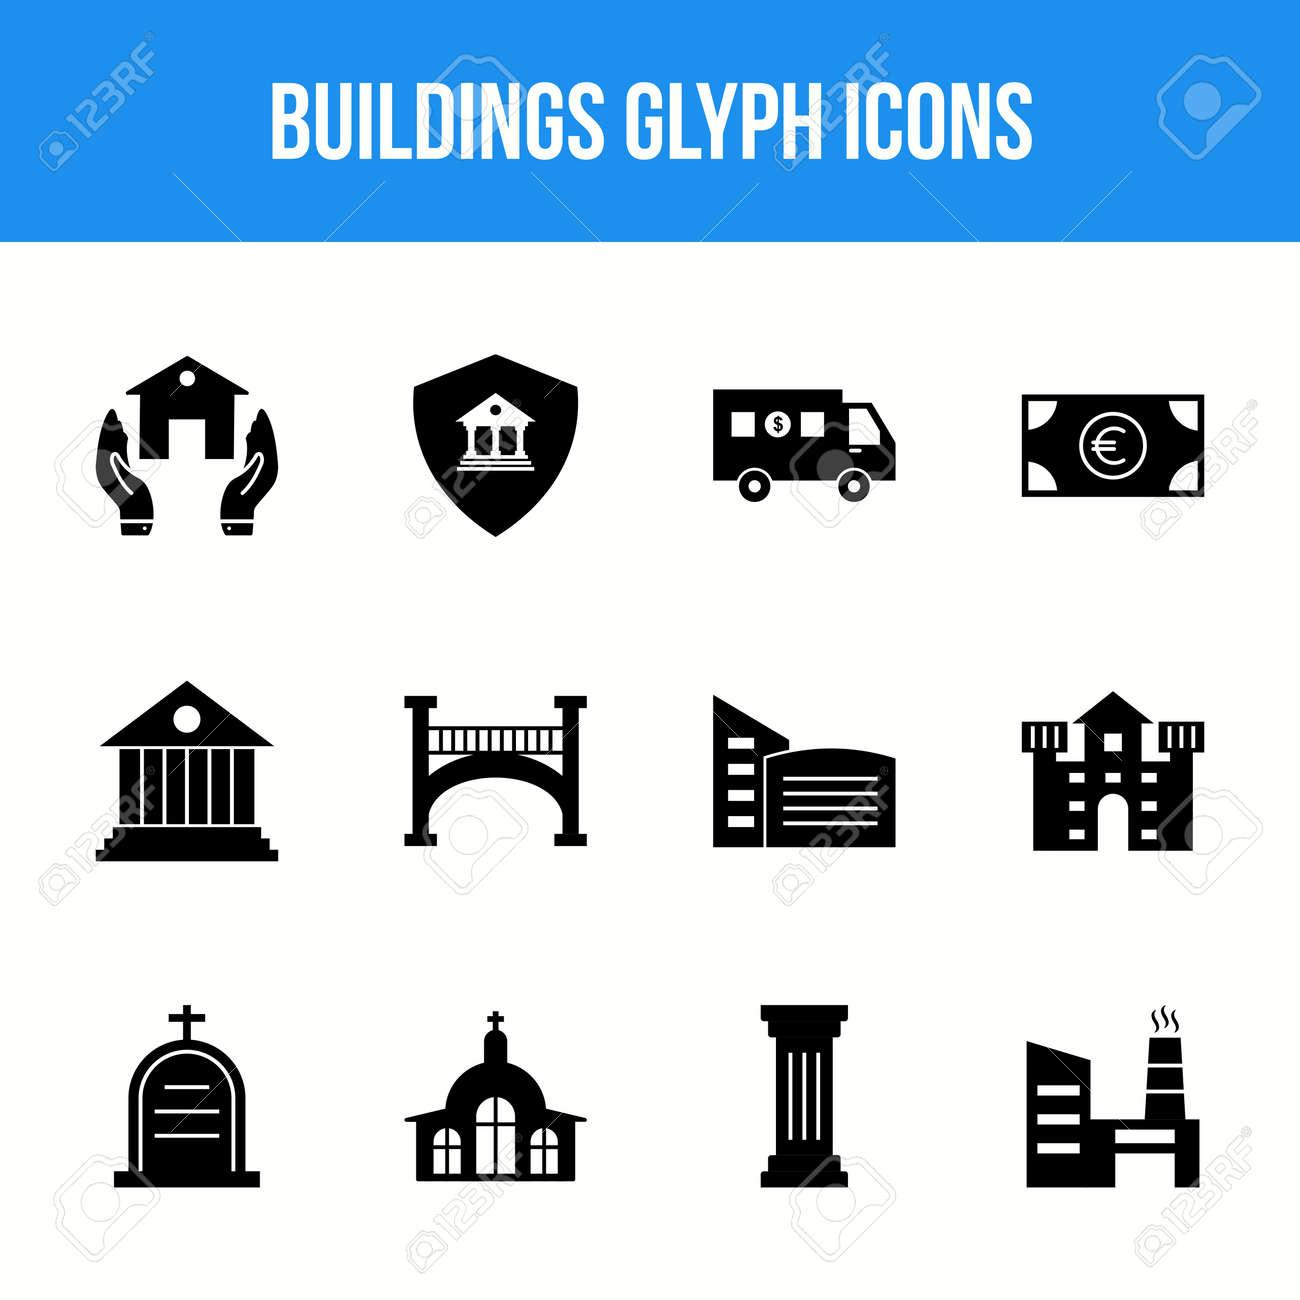 Unique Buildings Glyph icon set - 153885740